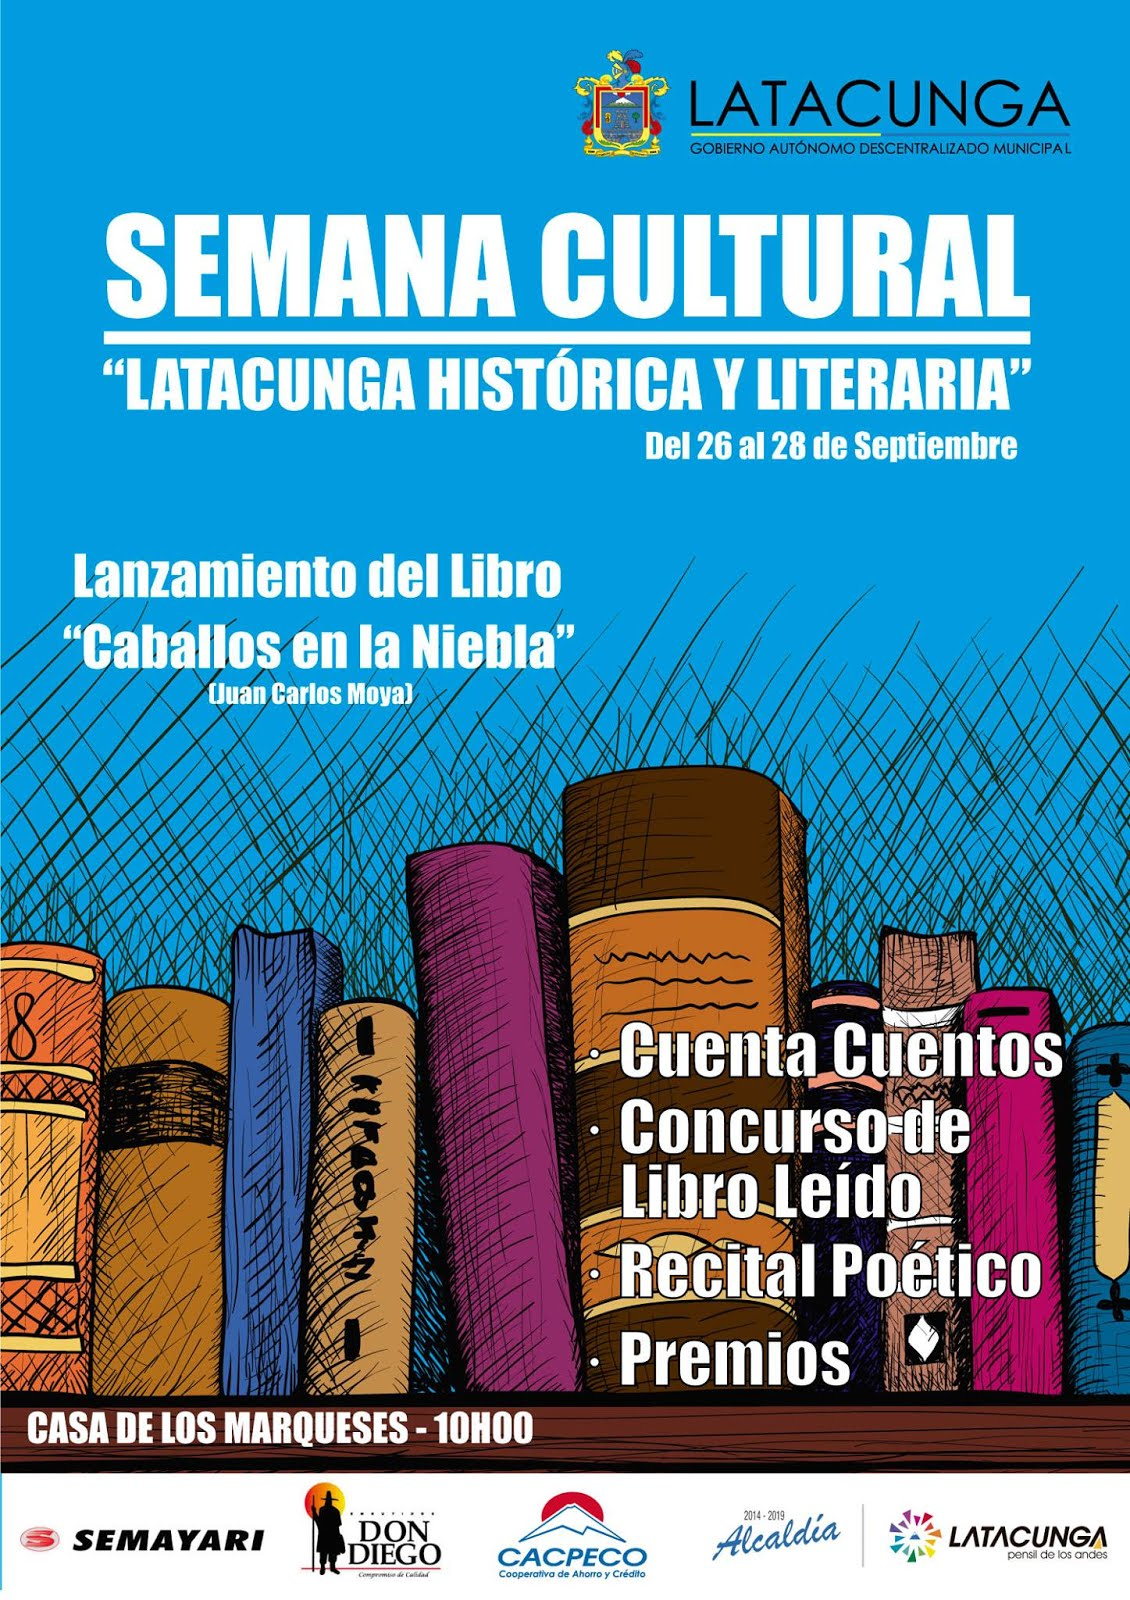 Latacunga Histórica y Literaria 2018